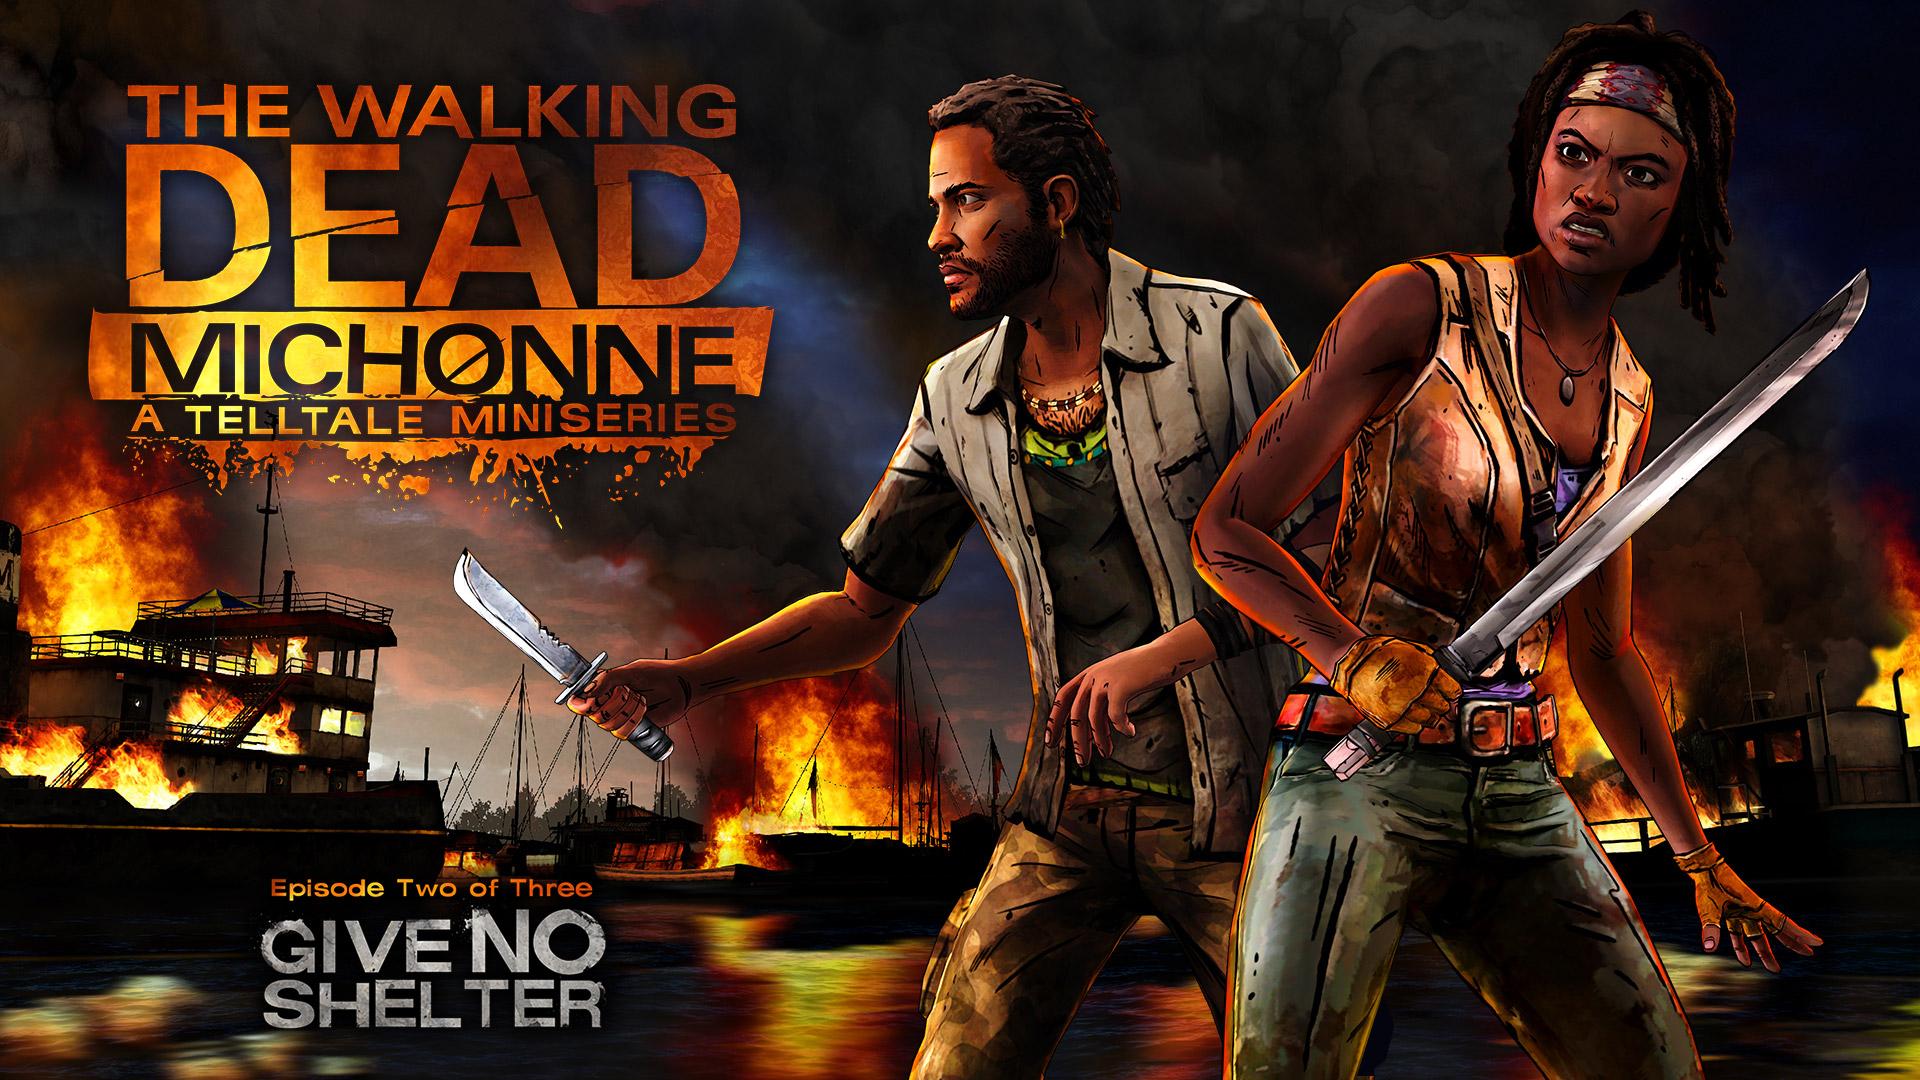 Free The Walking Dead: Michonne Wallpaper in 1920x1080